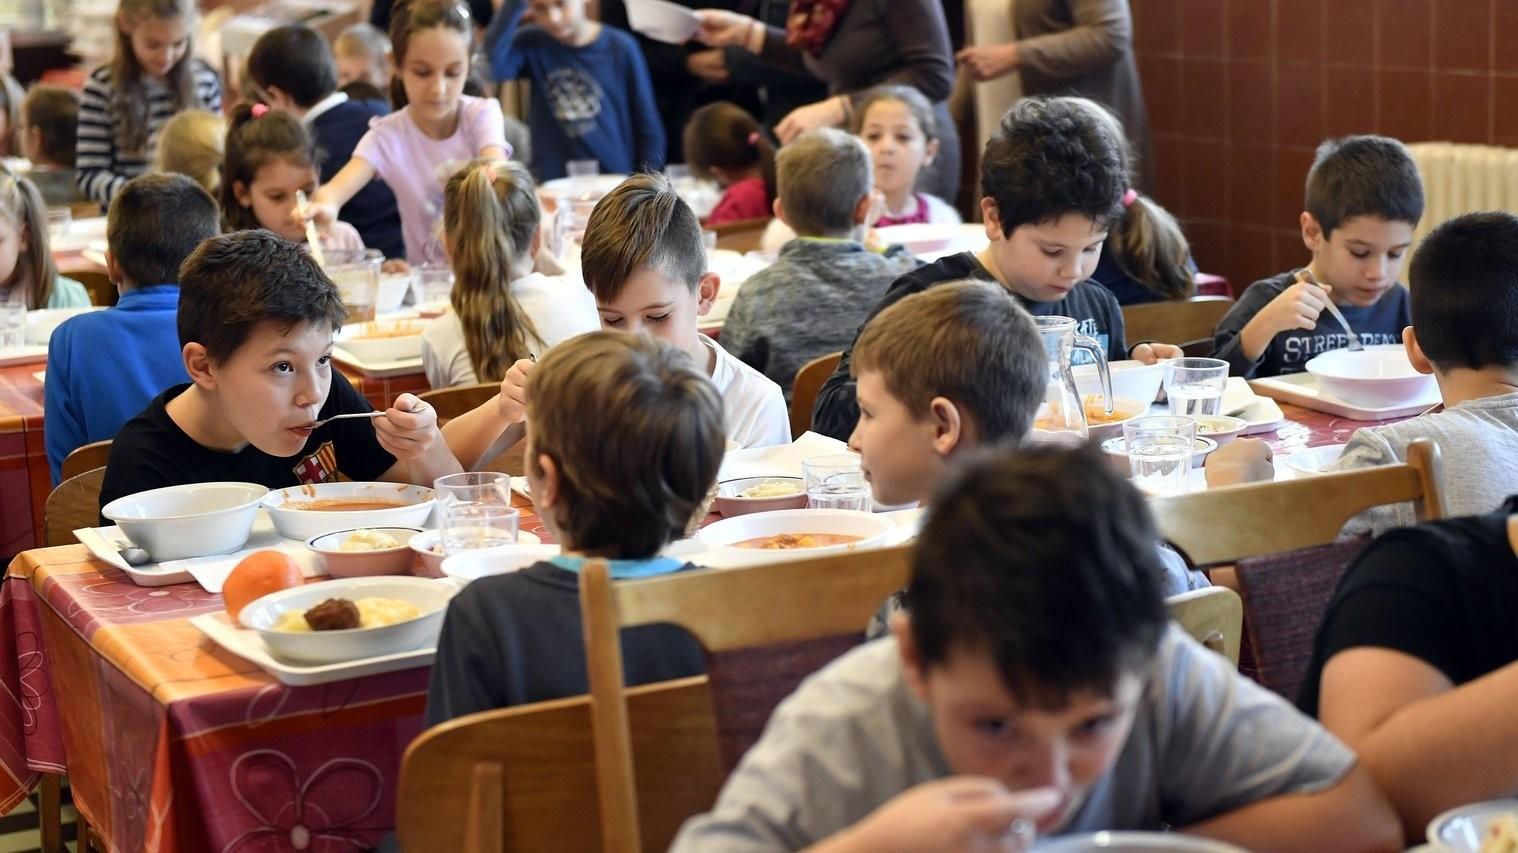 A tavaszi szünetben is igényelhetik a rászoruló gyermekek szülei az ingyenes étkeztetést